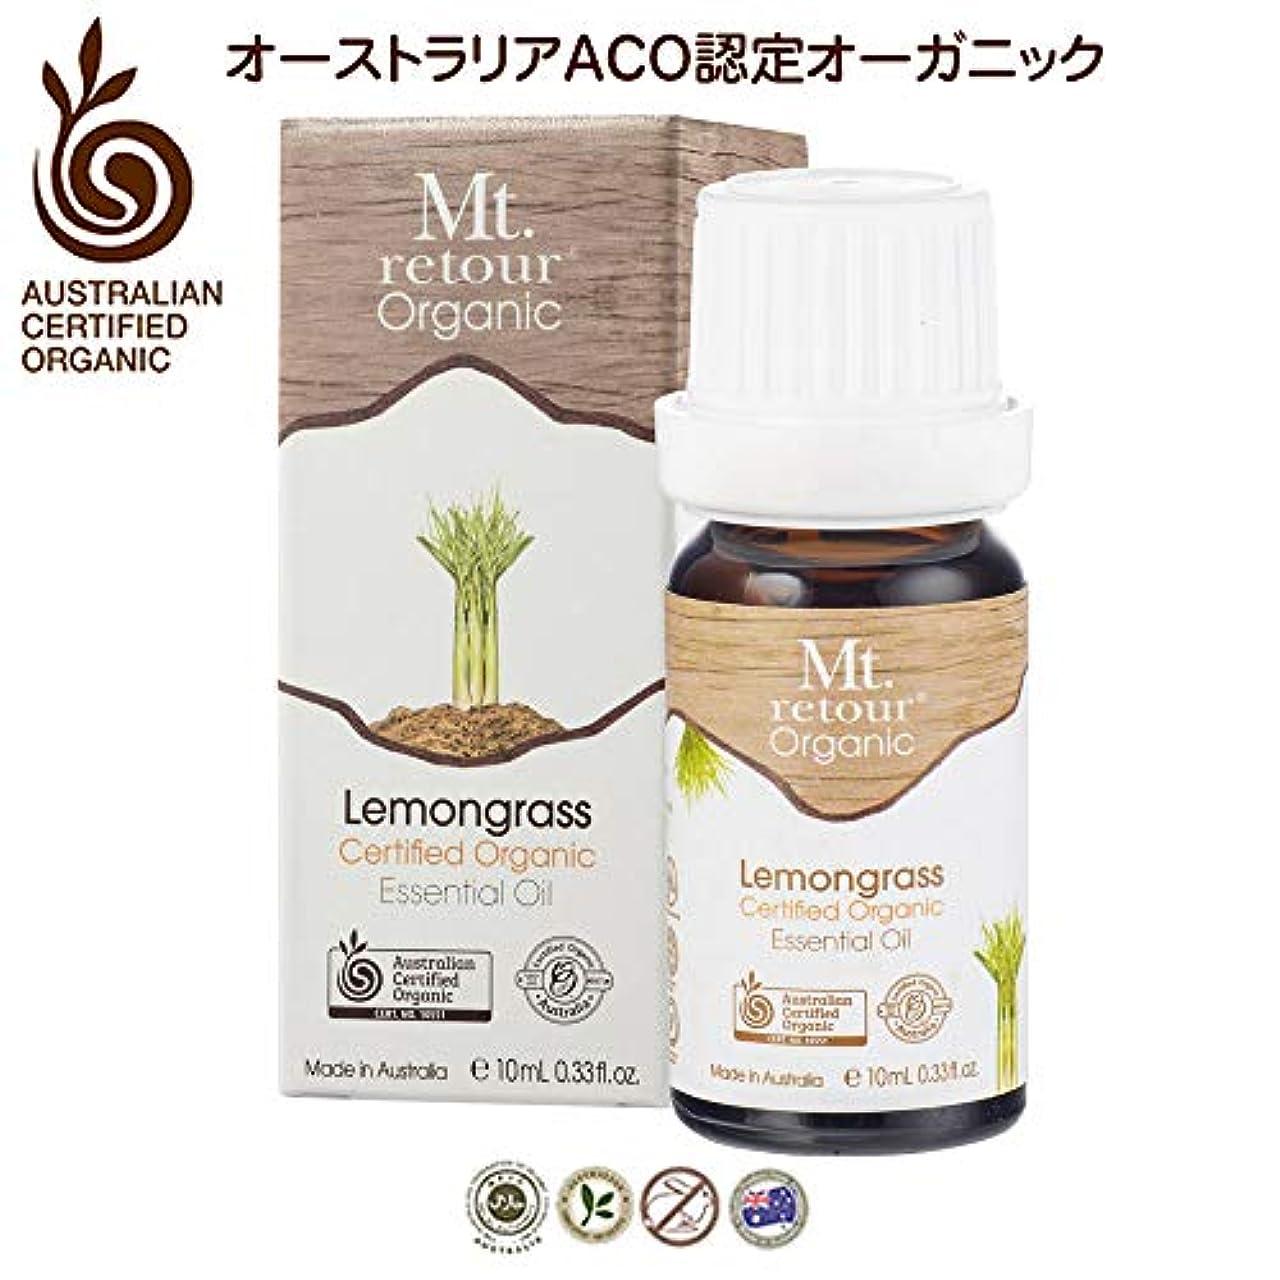 バンドル獣オセアニアMt. retour ACO認定オーガニック レモングラス 10ml エッセンシャルオイル(無農薬有機)アロマ